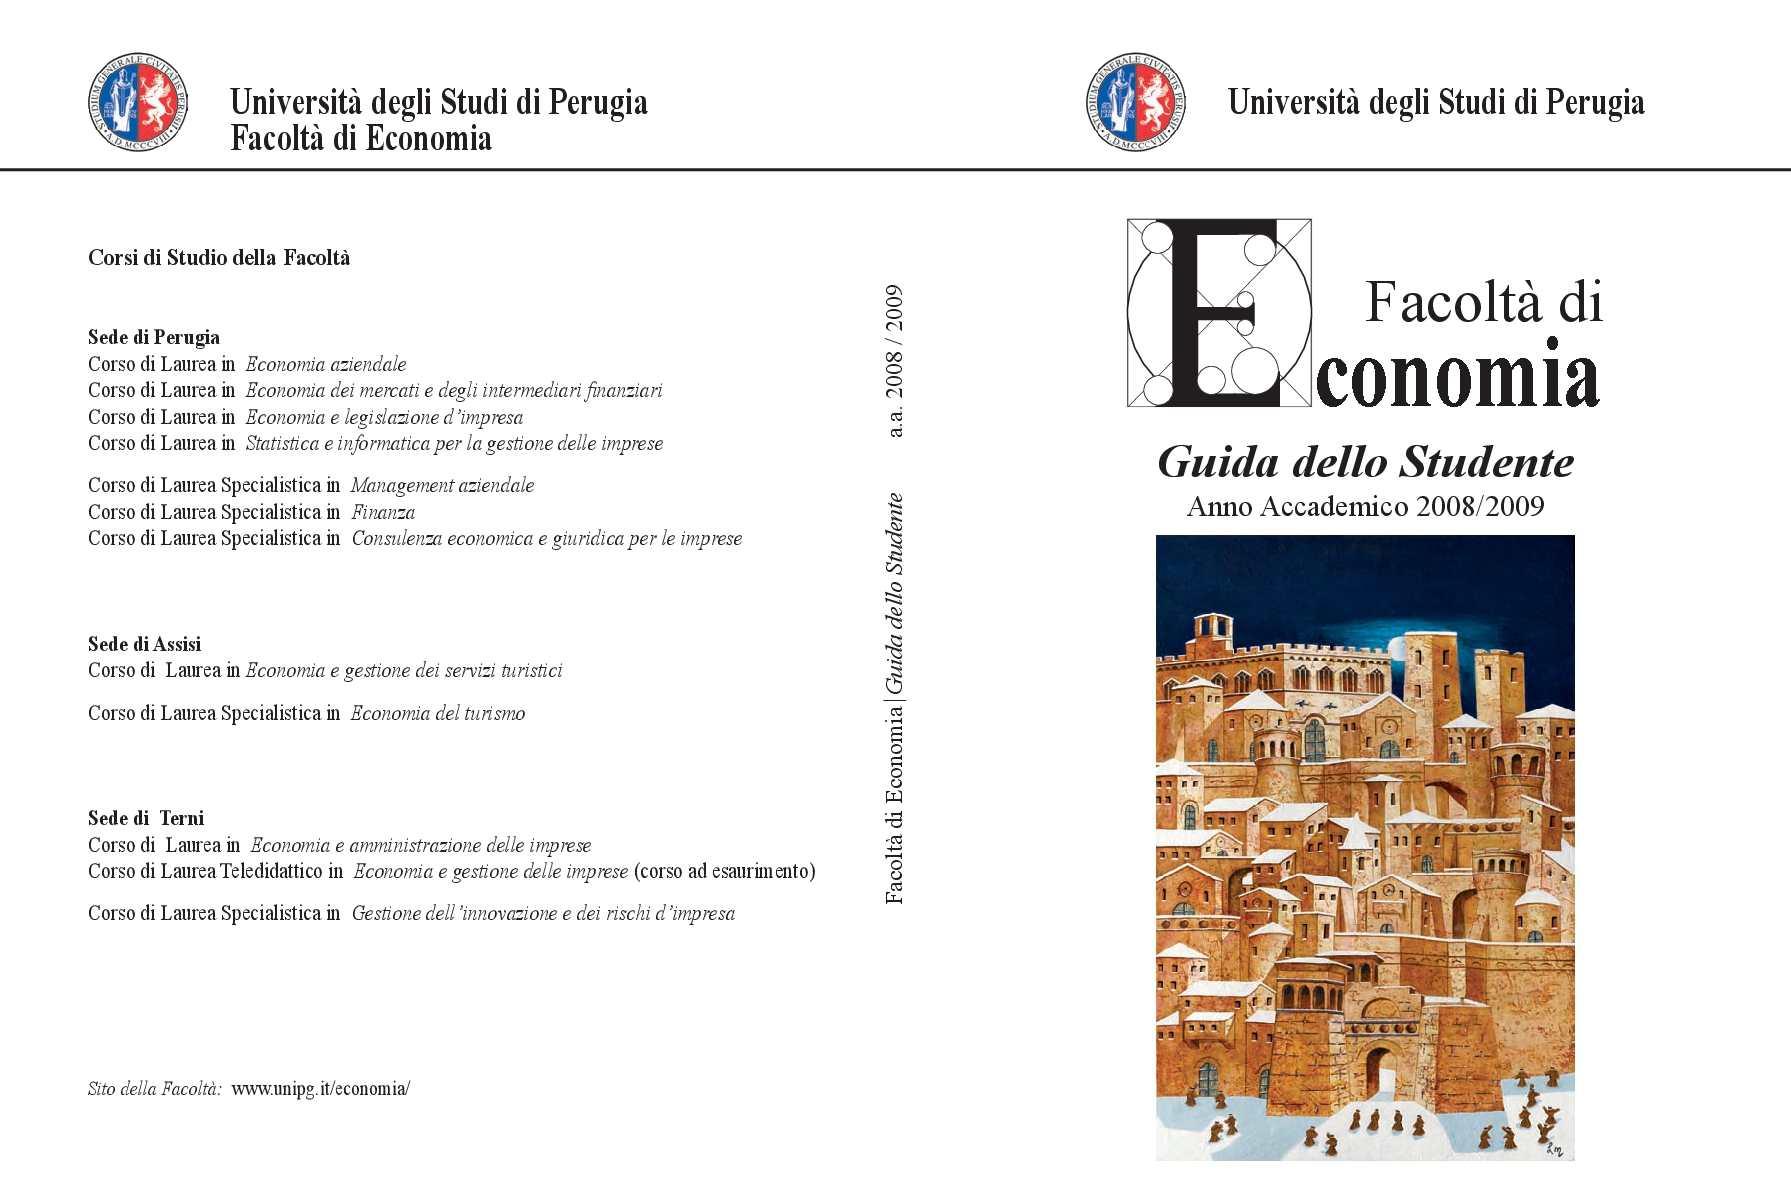 Calendario Esami Unipg Economia.Calameo Guida Dello Studente 2008 2009 Facolta Di